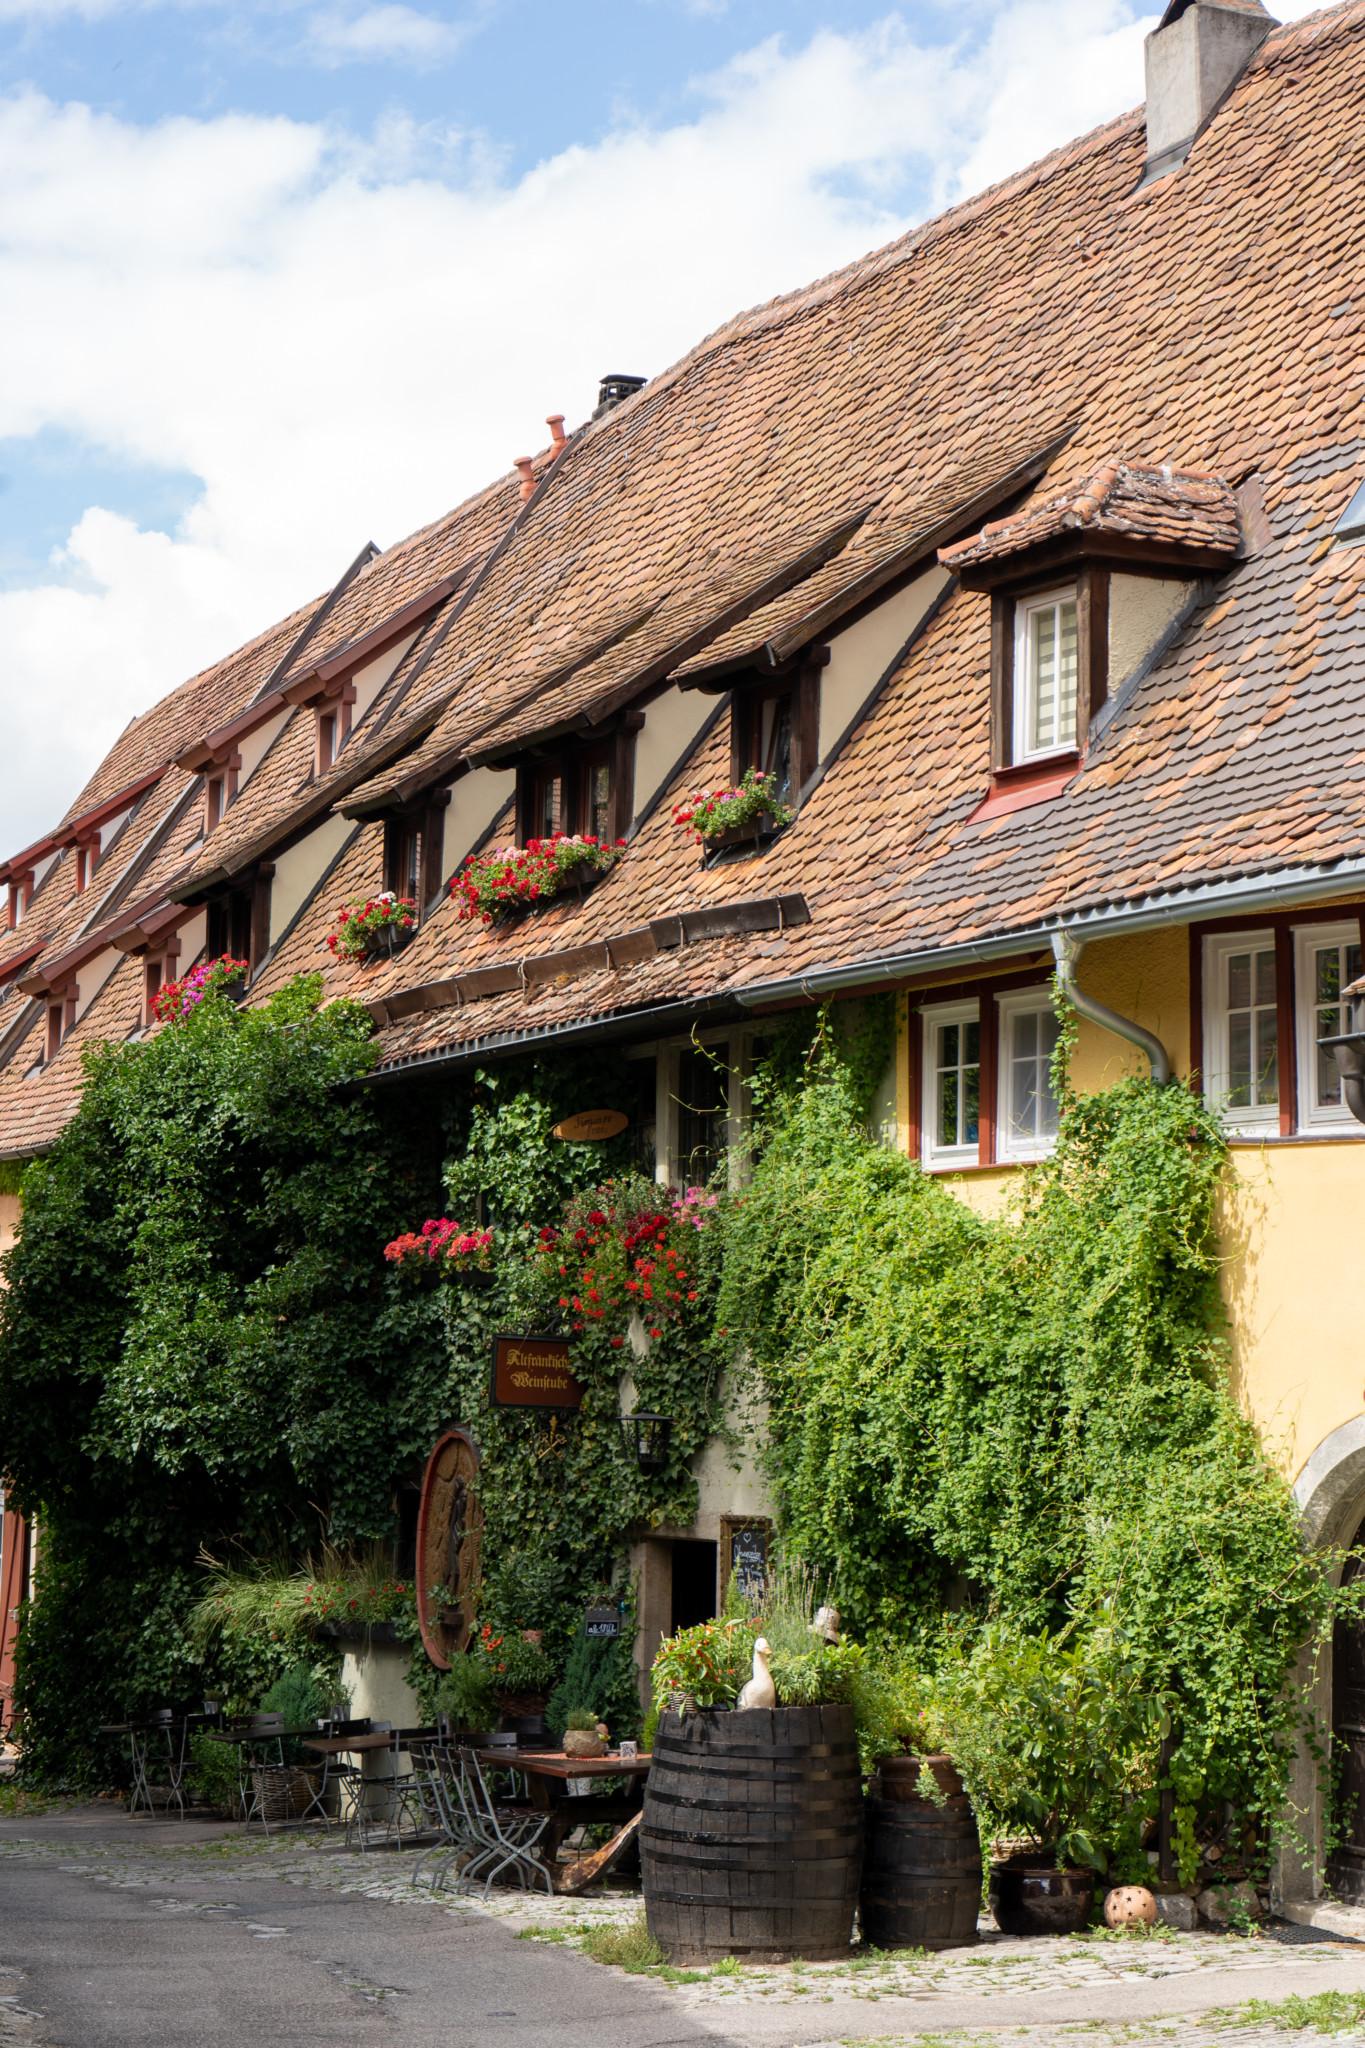 Architektur in Rothenburg ob der Tauber